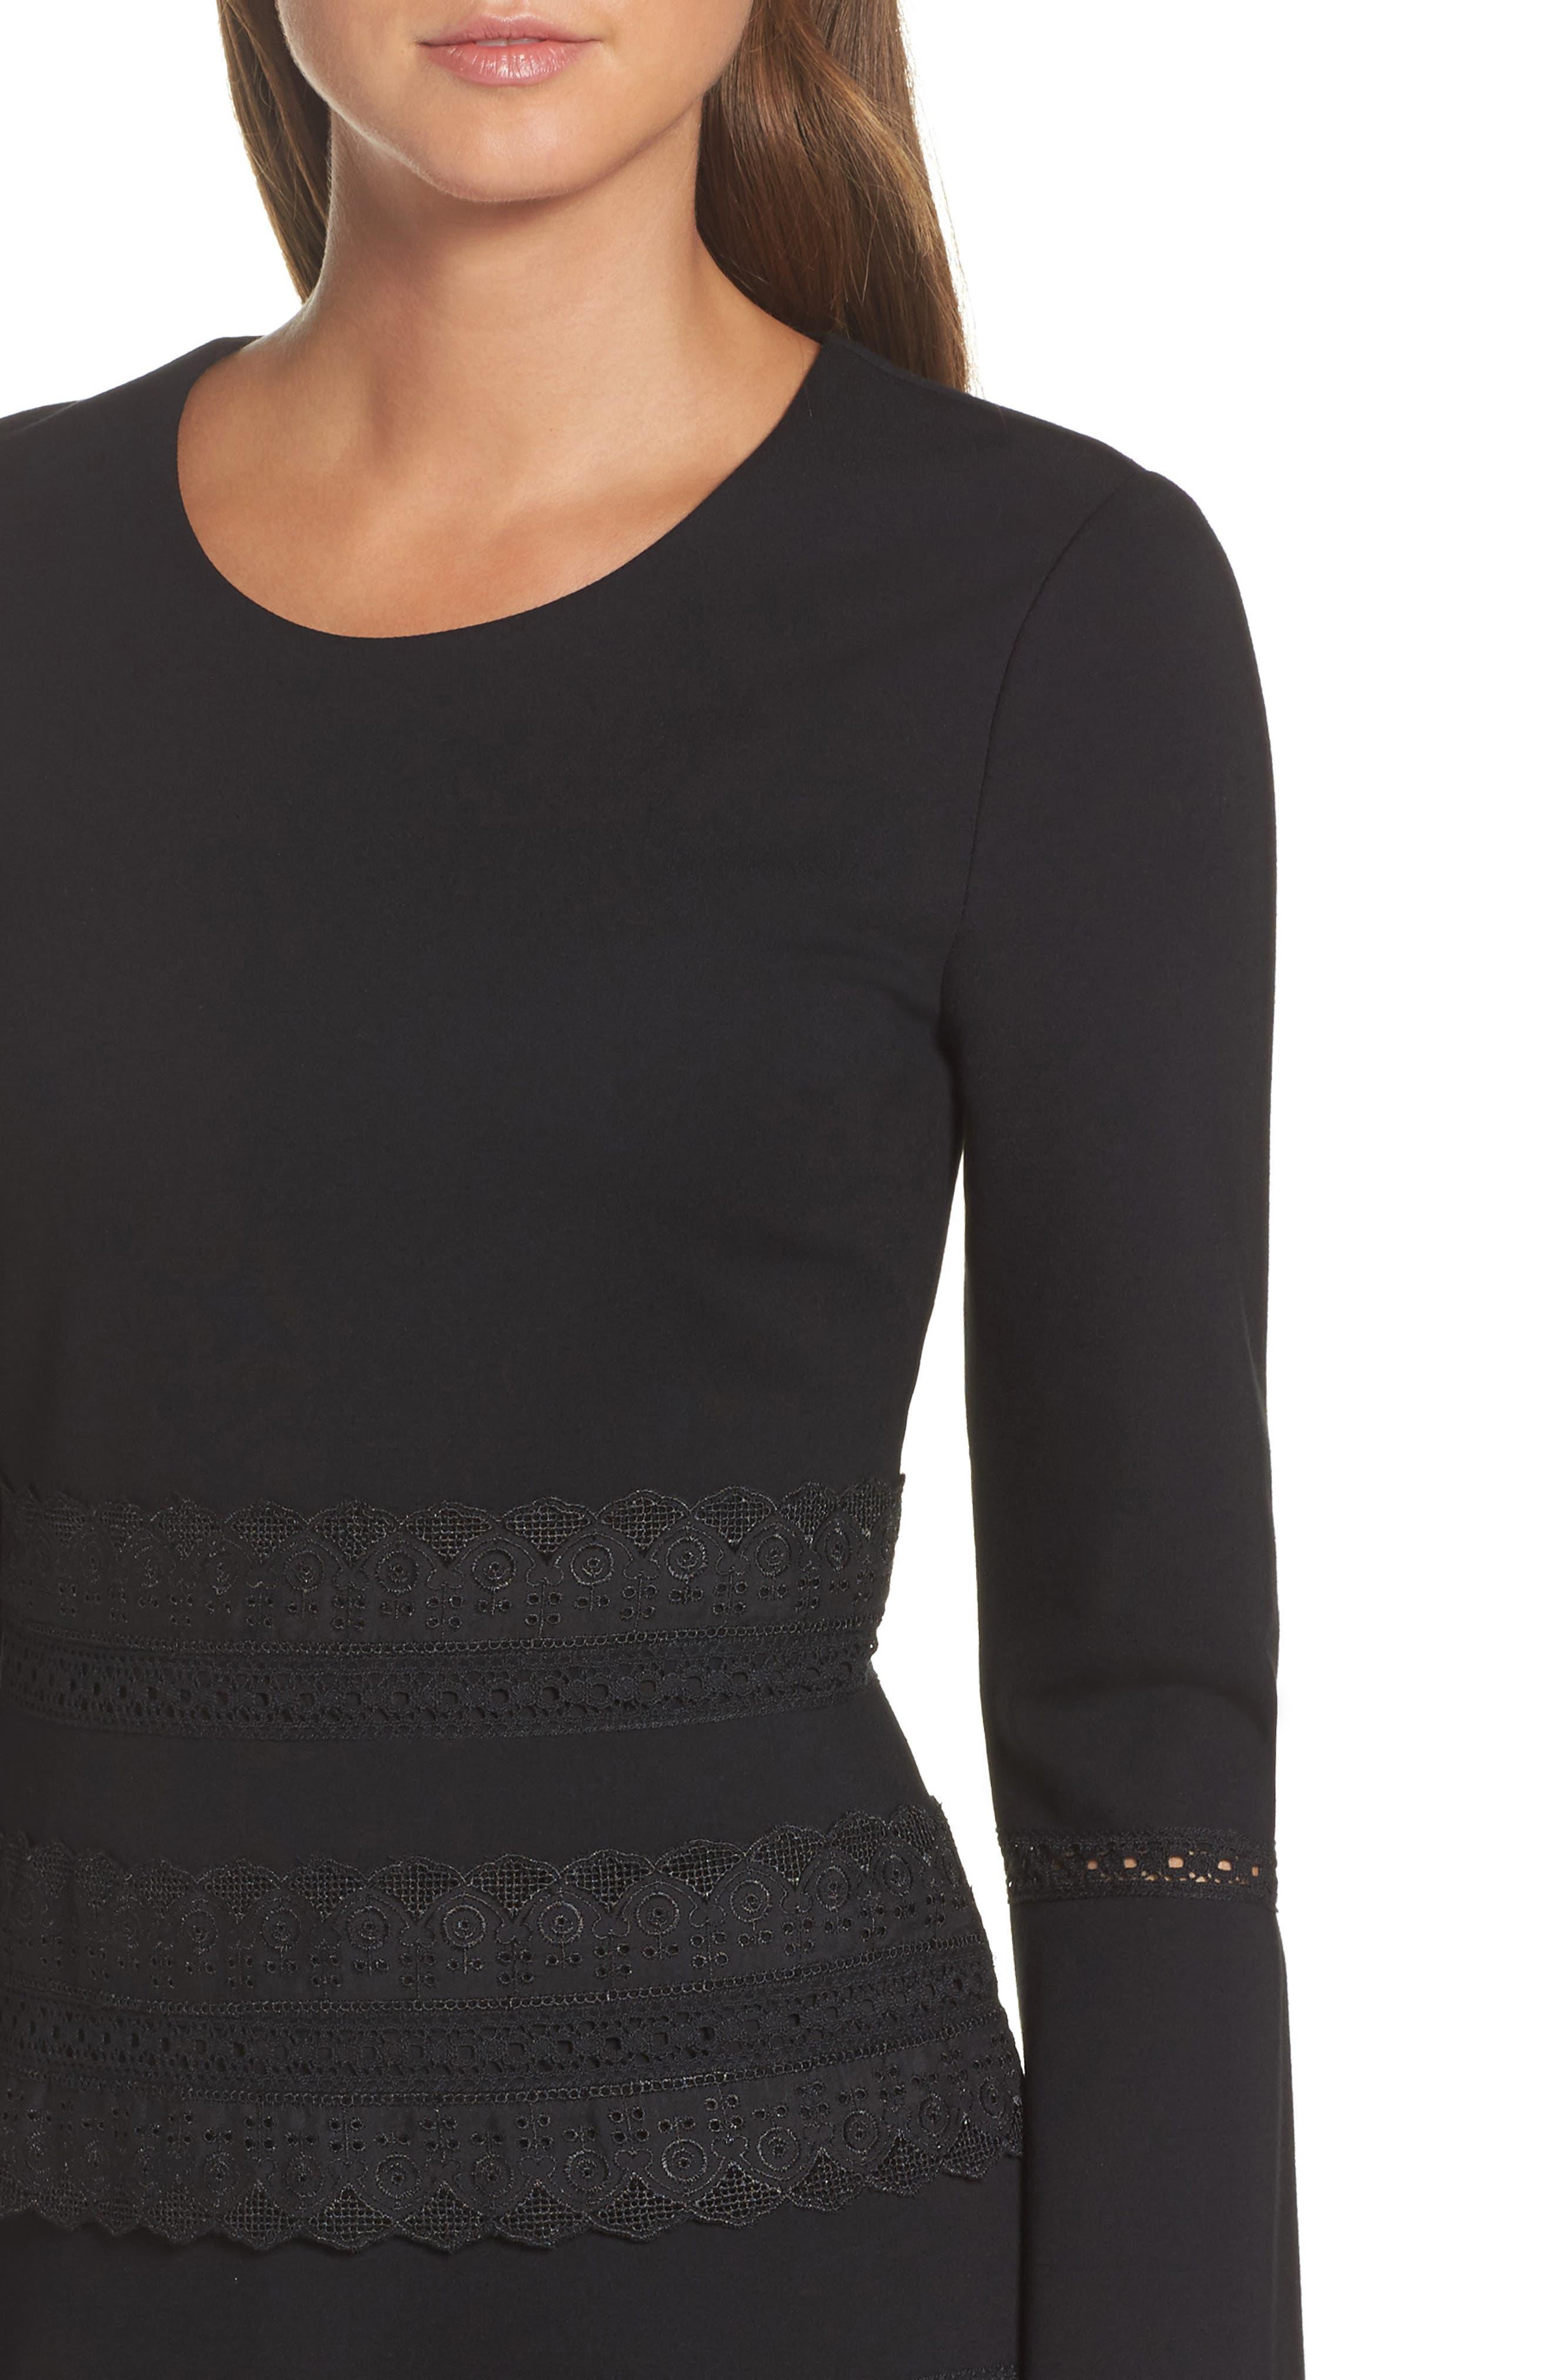 Preslie Double Knit A-Line Dress,                             Alternate thumbnail 4, color,                             Black